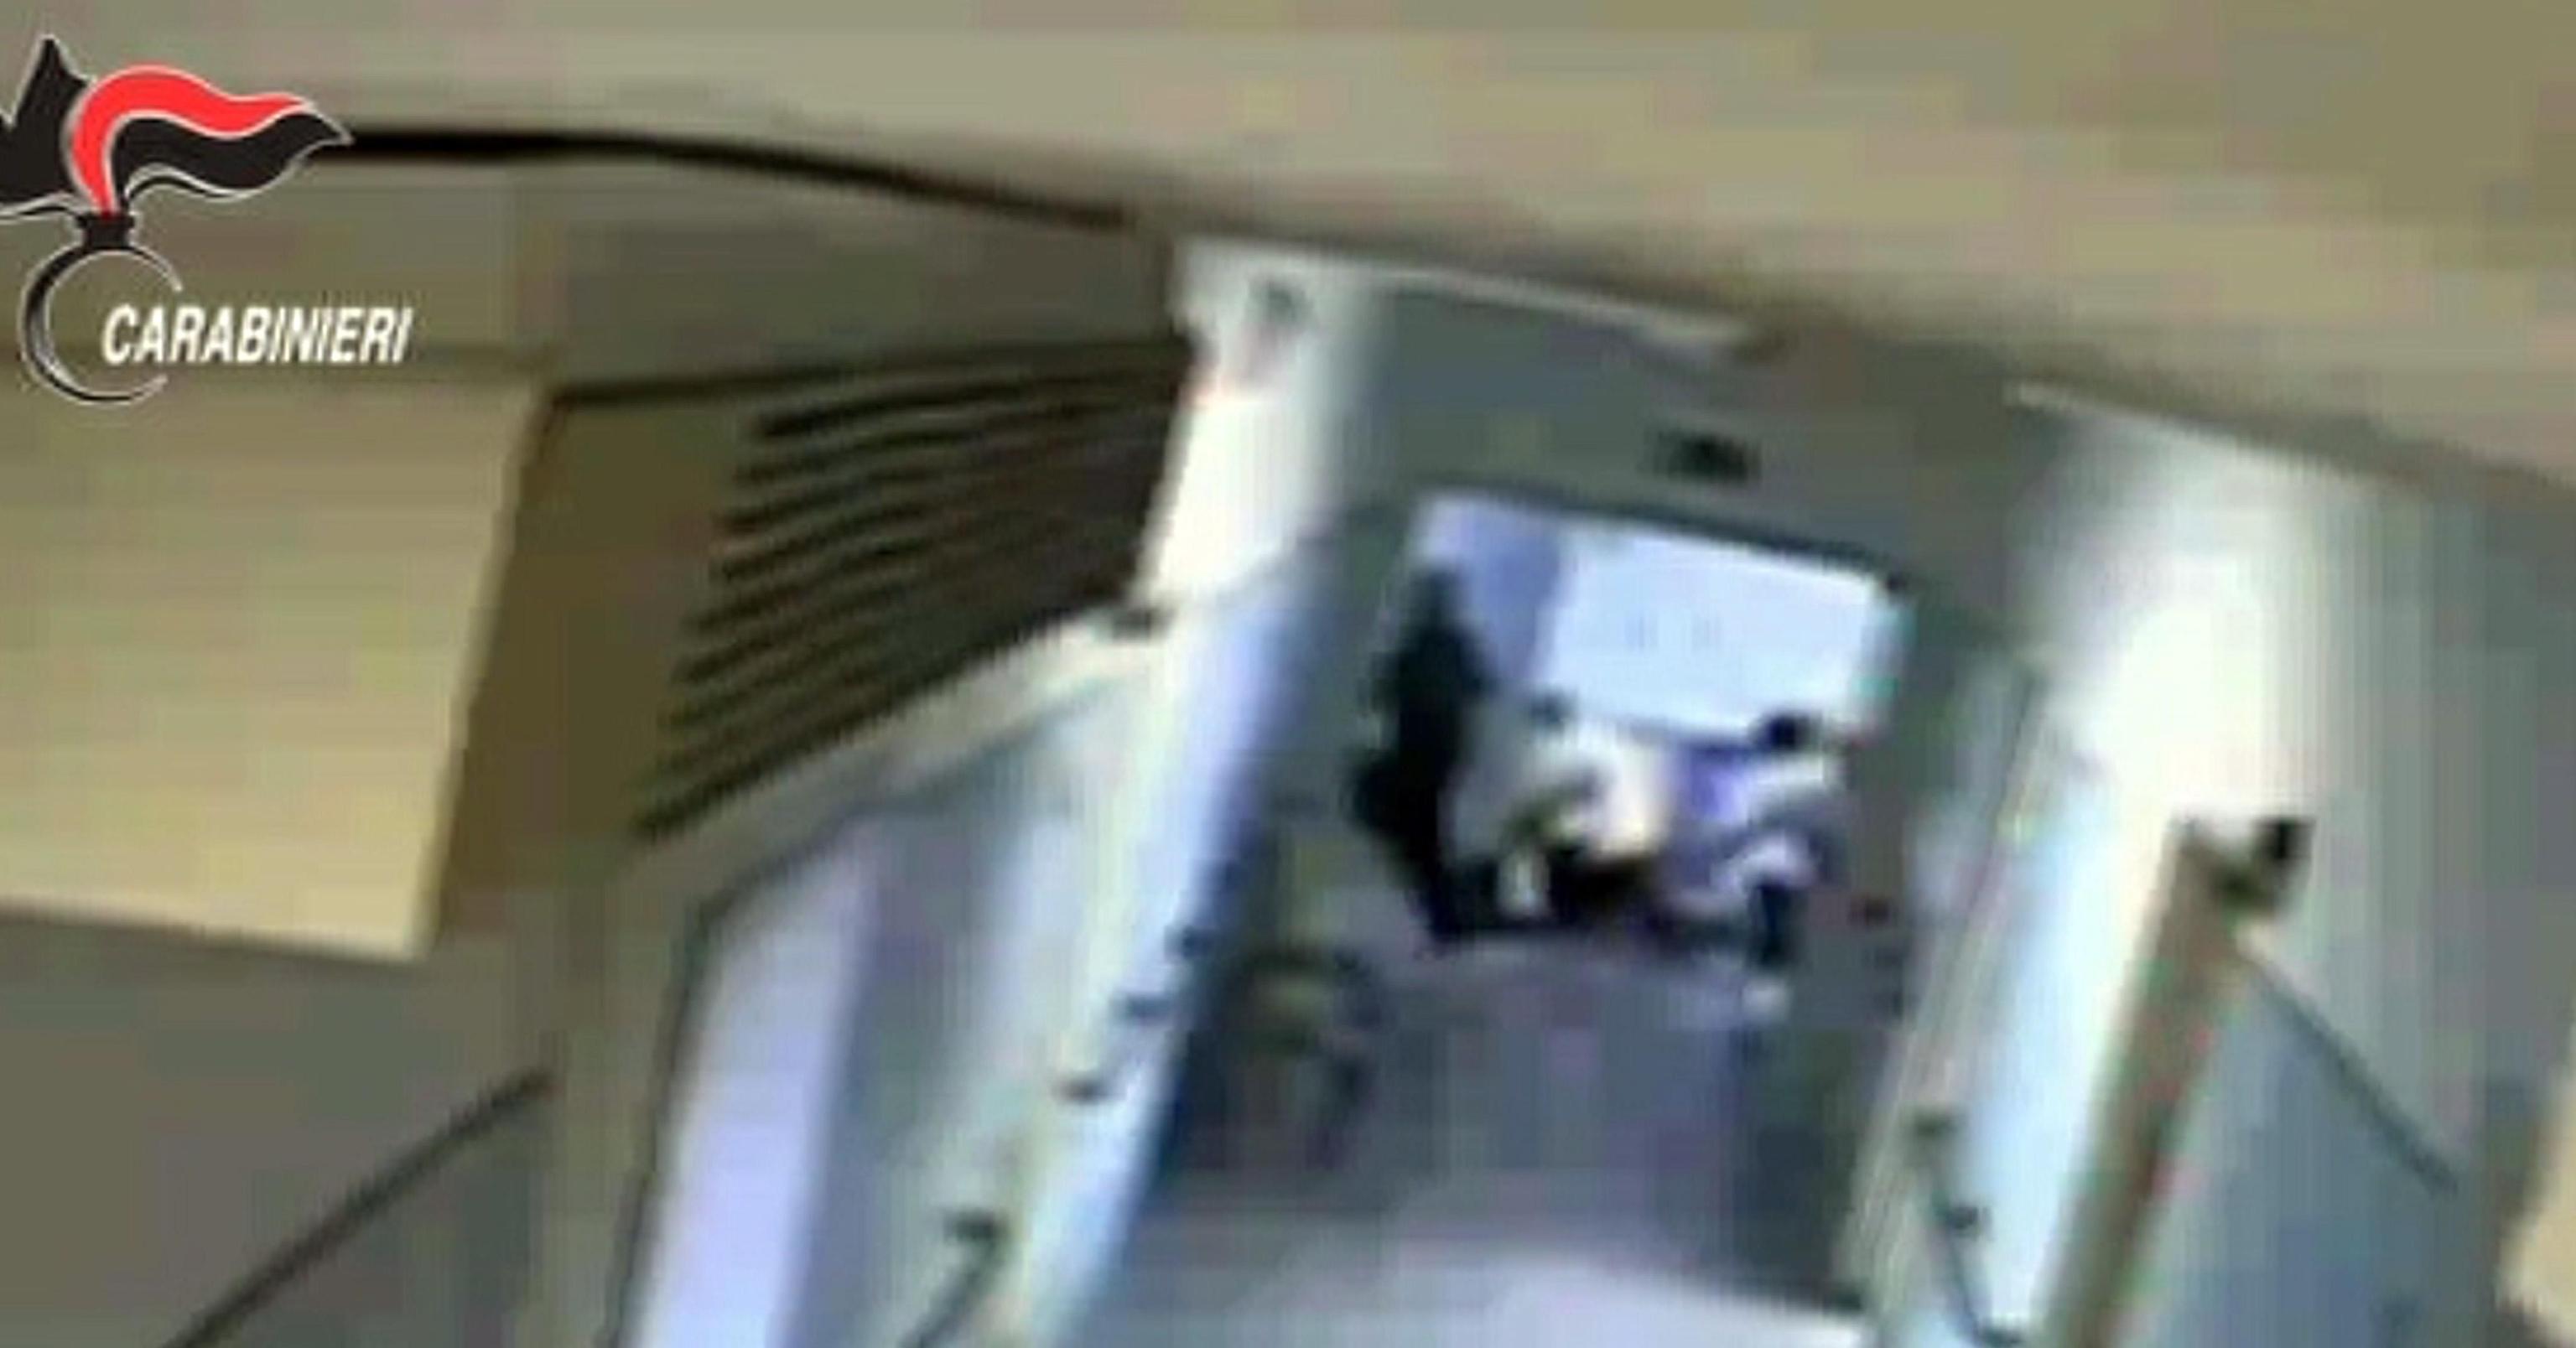 Nel fermo immagine tratto da un video dei carabinieri ripreso da una telecamera nascosta si vedono i gesti di violenza verso un disabile. Per questi maltrattamenti i carabinieri hanno sospeso 14 operatori dell'Aias di Decimomannu in provincia di Cagliari